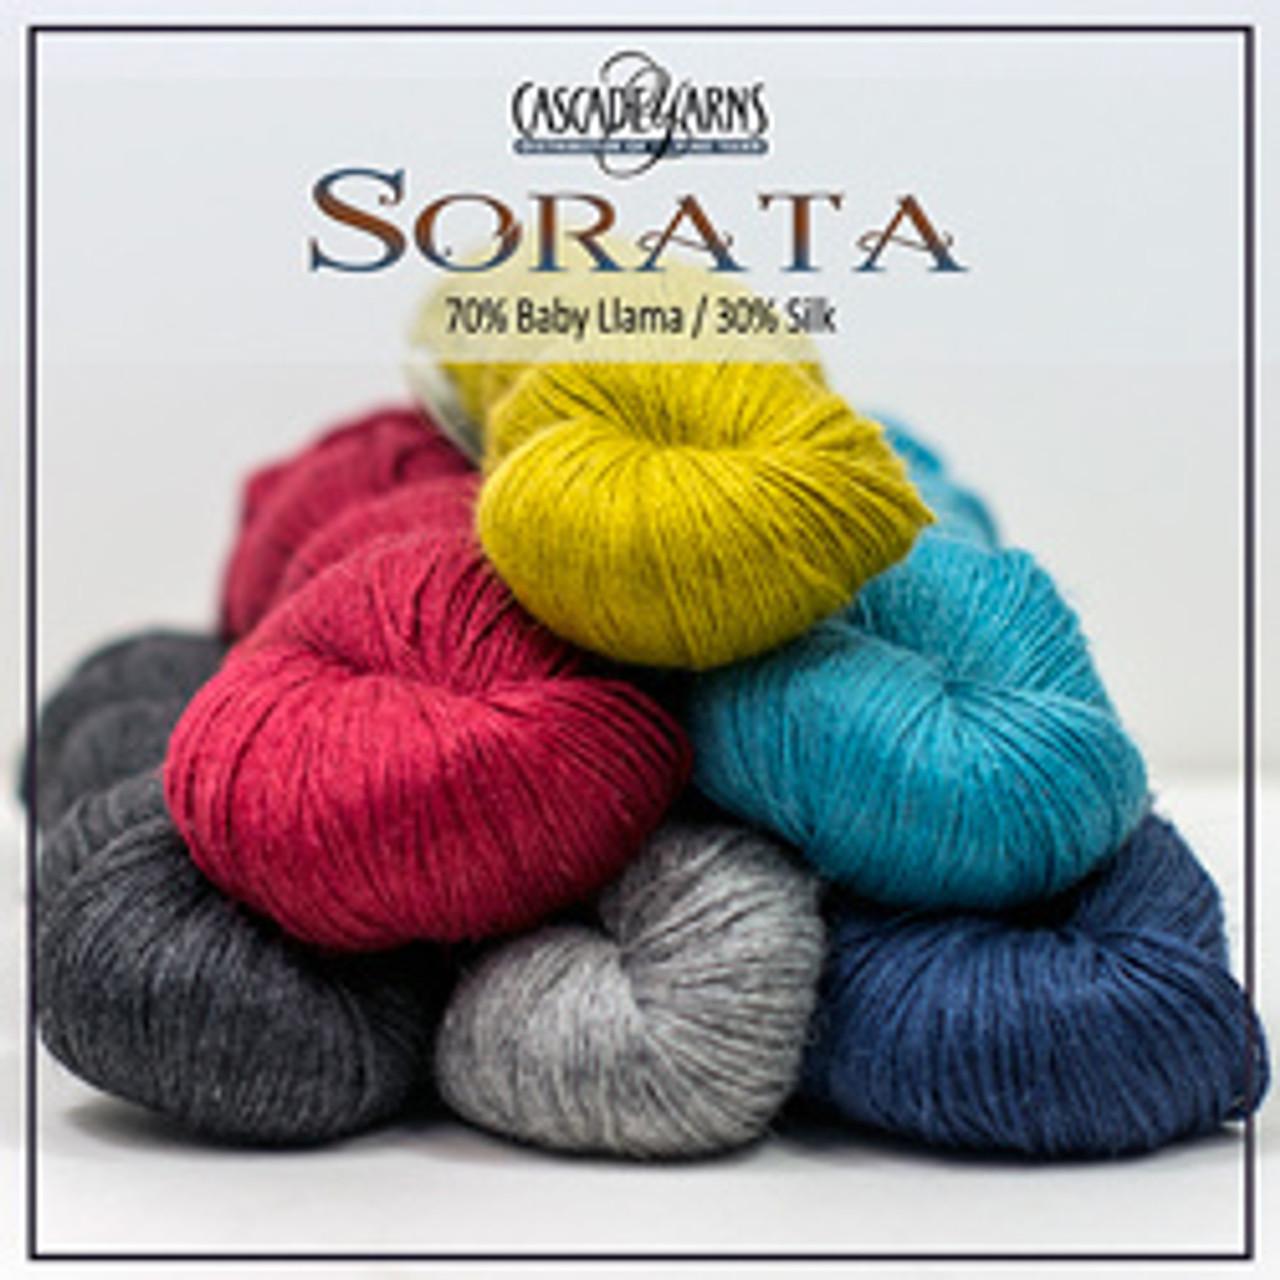 Cascade Sorata Yarn